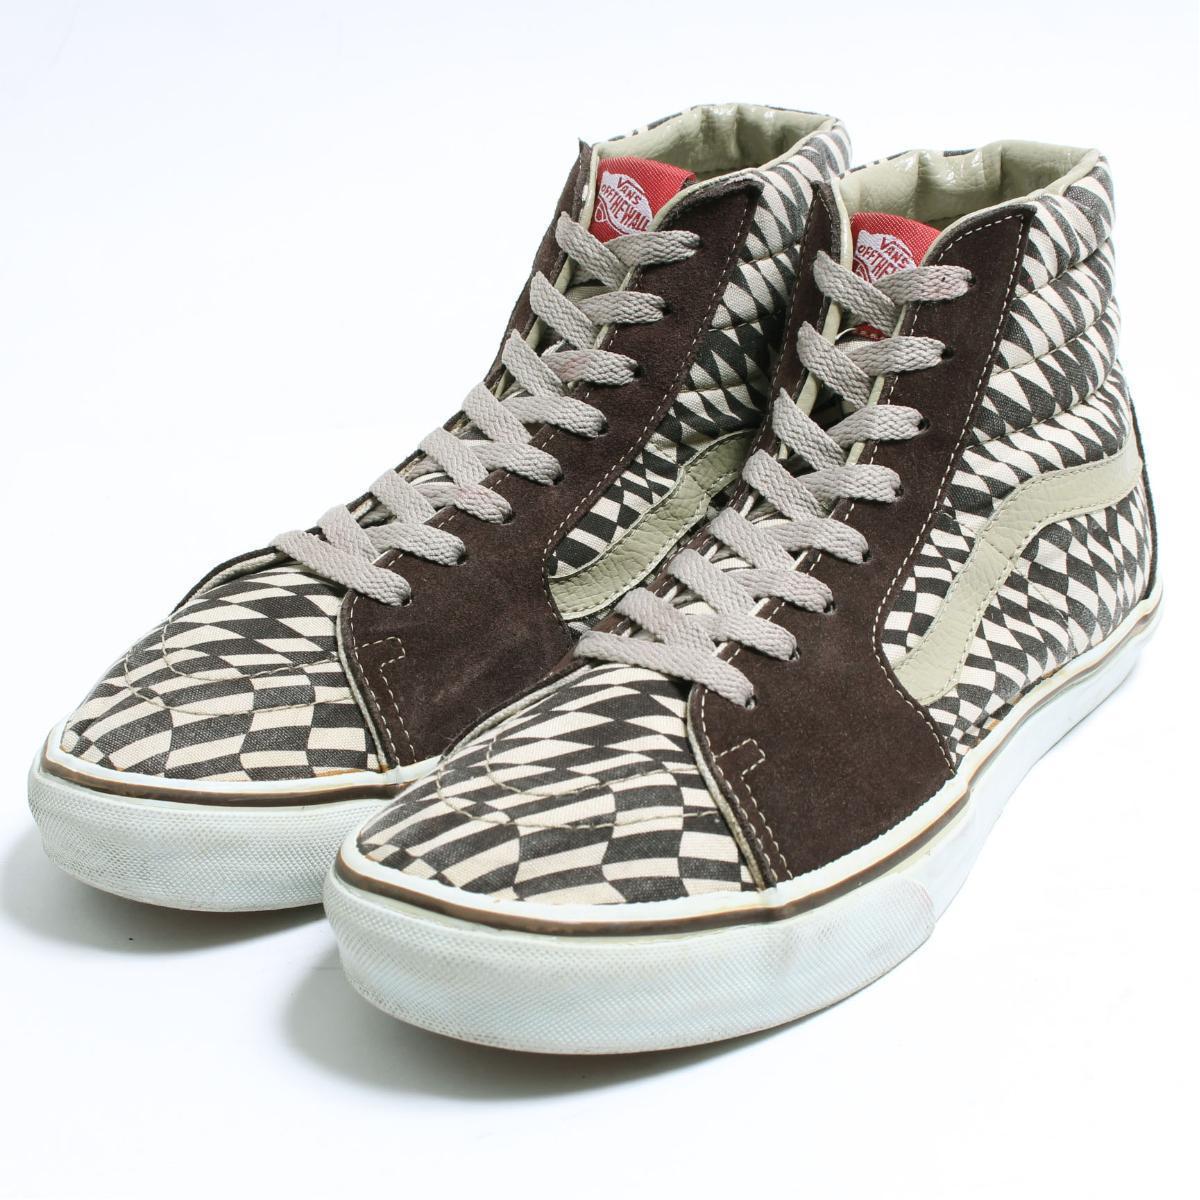 VINTAGE CLOTHING JAM  Vans VANS SK8-HI high-top sneakers US10 men ... d20bede22